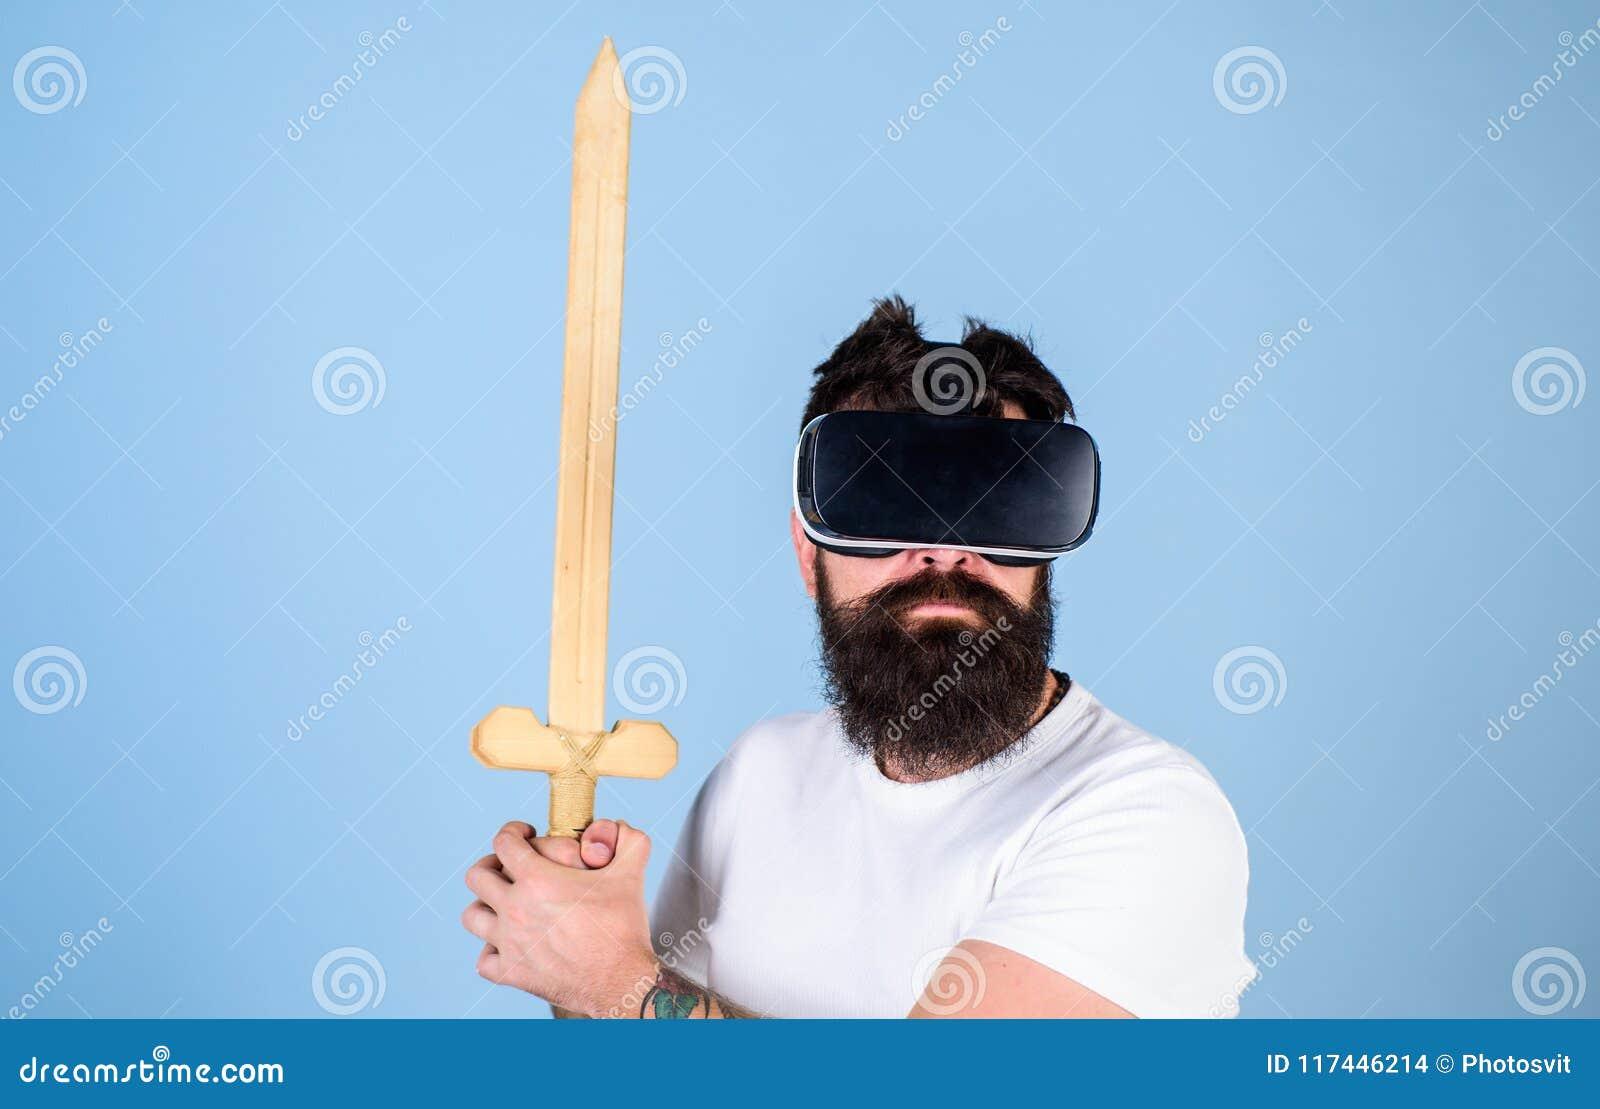 Concepto del videojugador El inconformista en cara seria disfruta del juego del juego en realidad virtual Hombre con la barba en